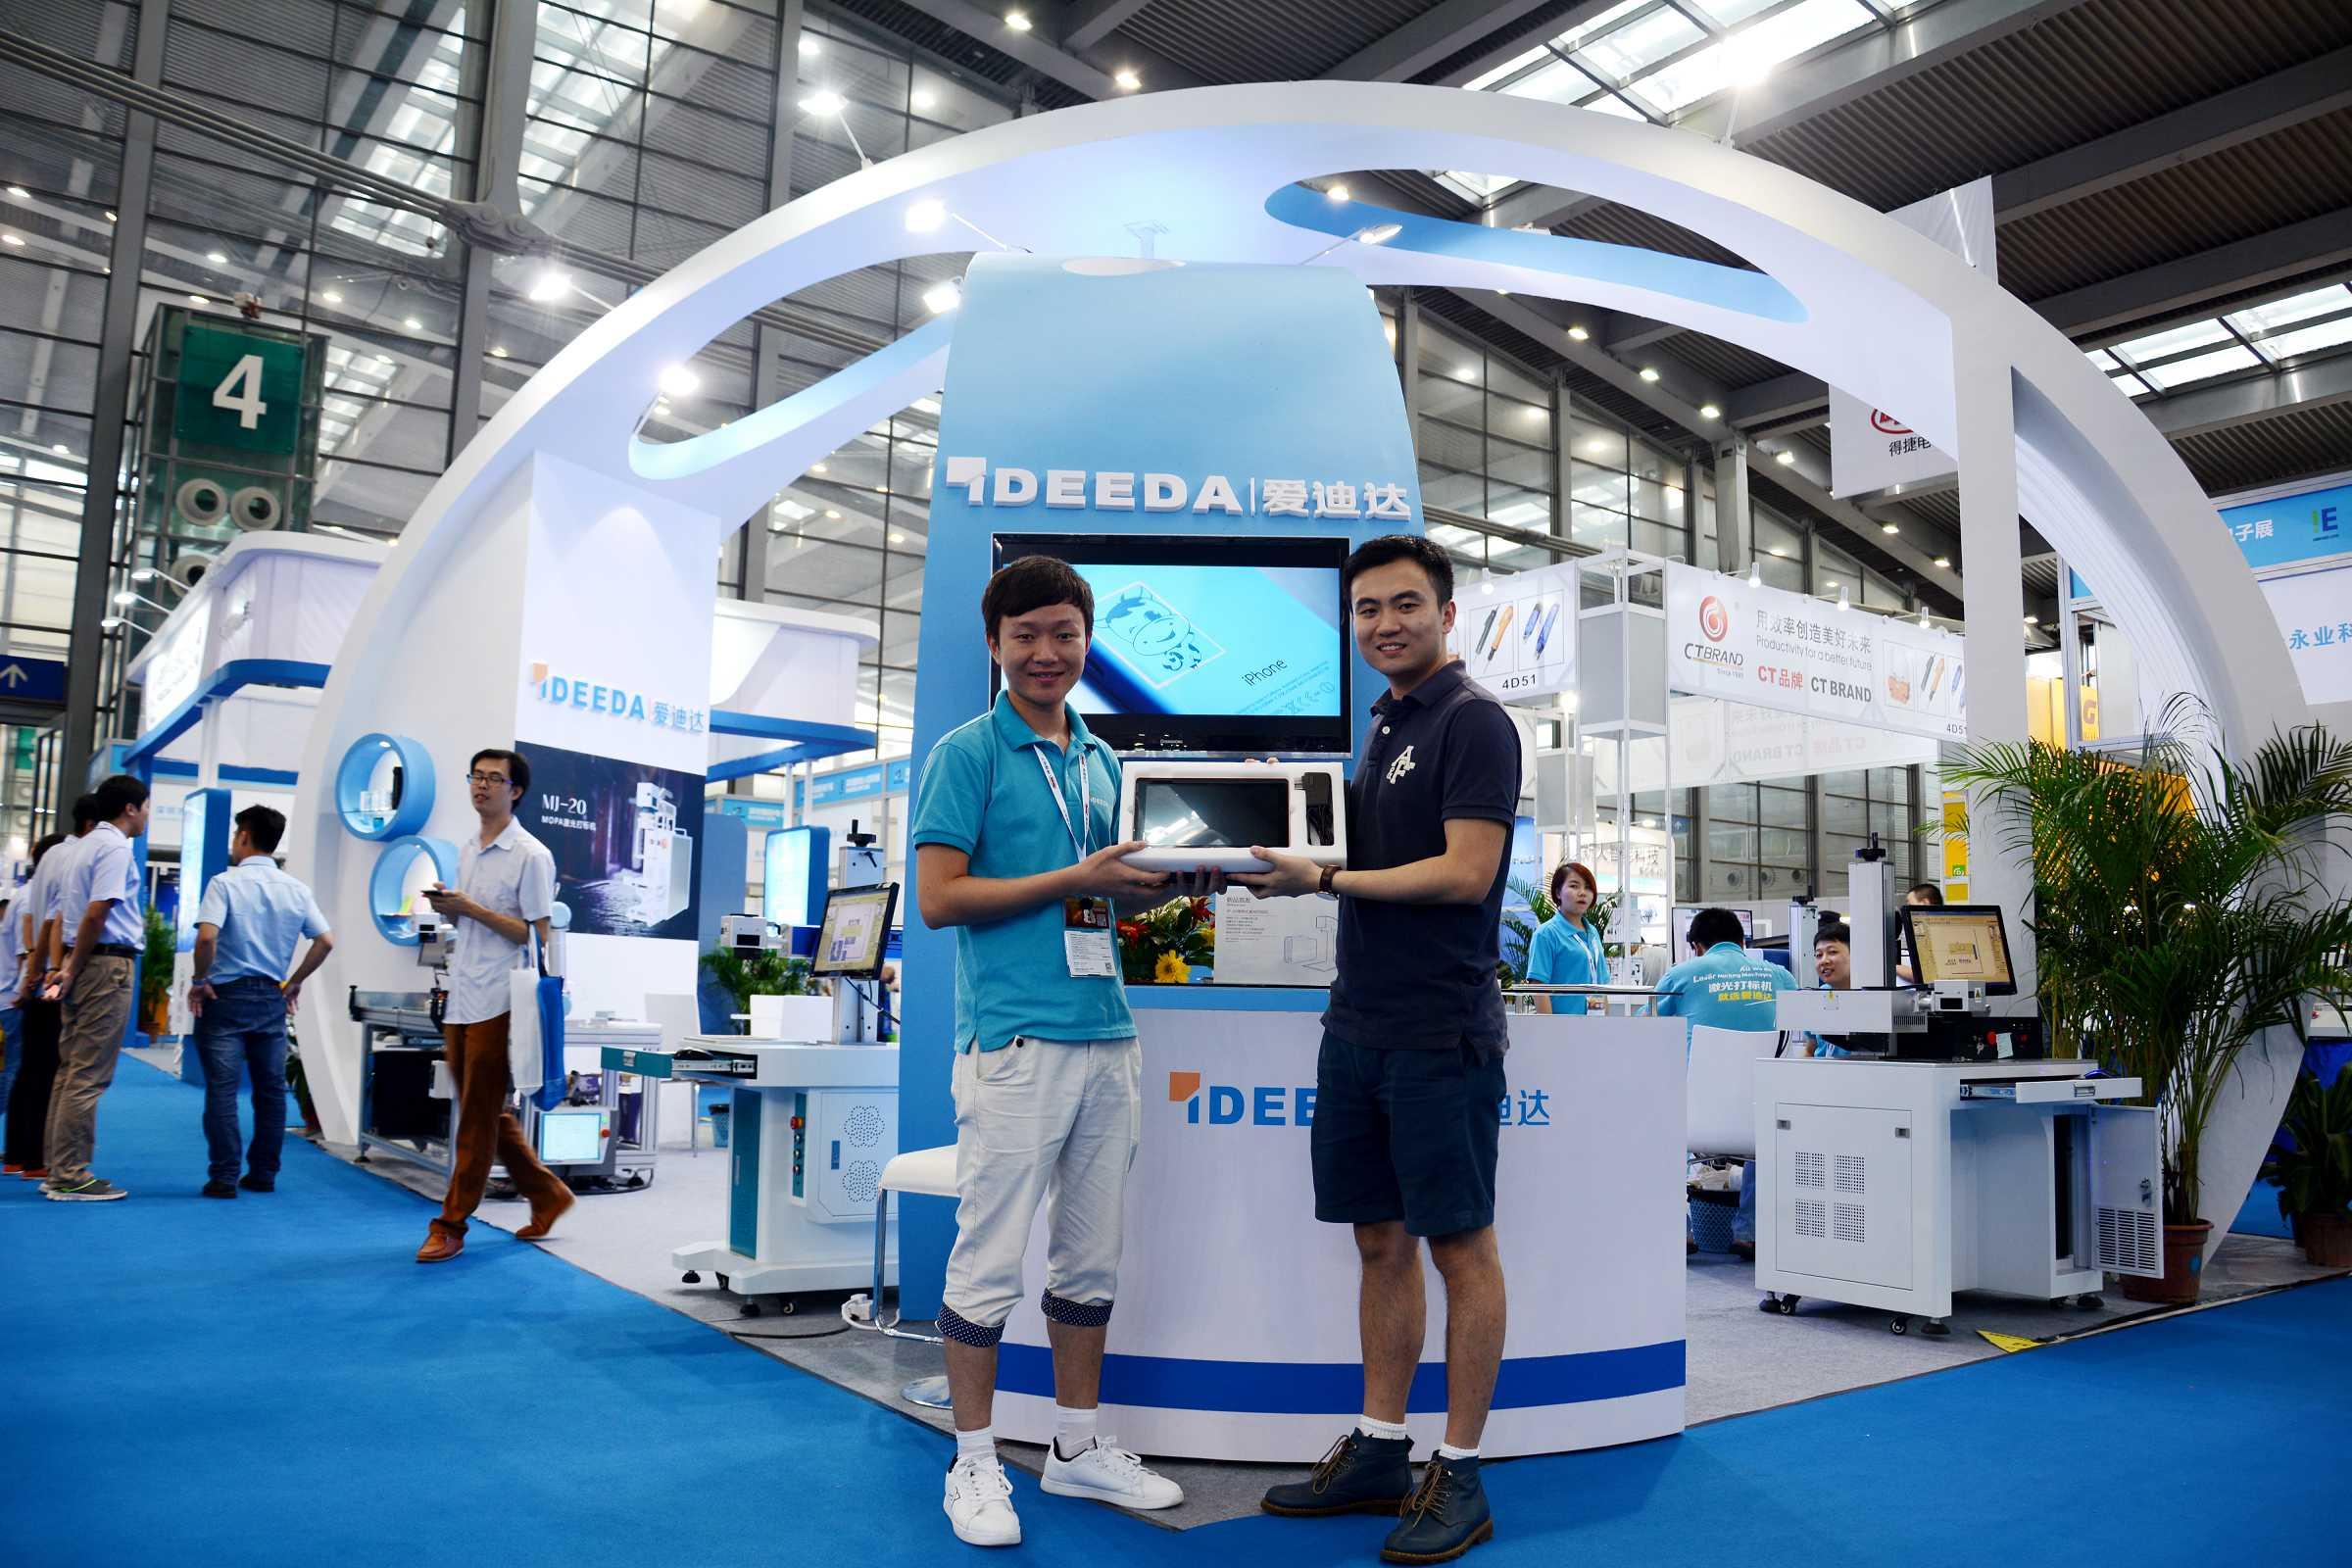 [展会]深圳国际电子展,爱迪达科技收获盛誉